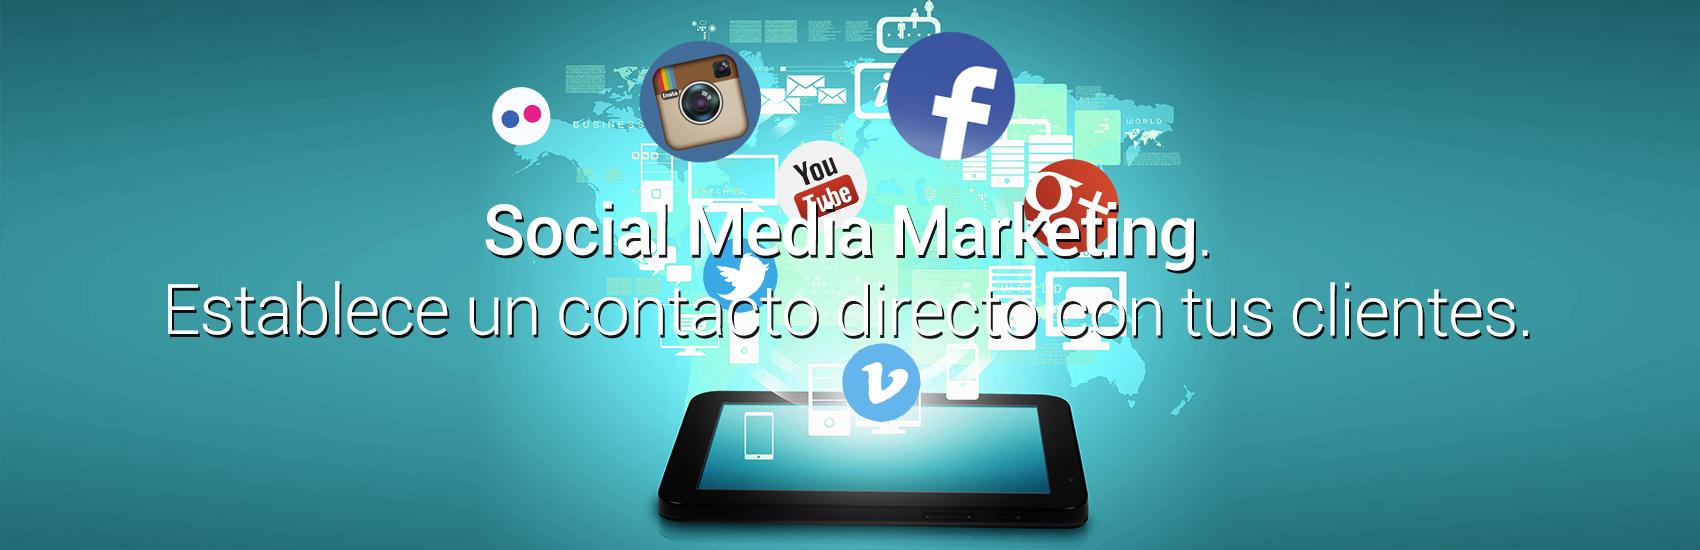 Social Media Marketing Artislas Mallorca, Menorca, Ibiza, Formentera, Tenerife, Gran Canaria, Lanzarote y Fuerteventura.